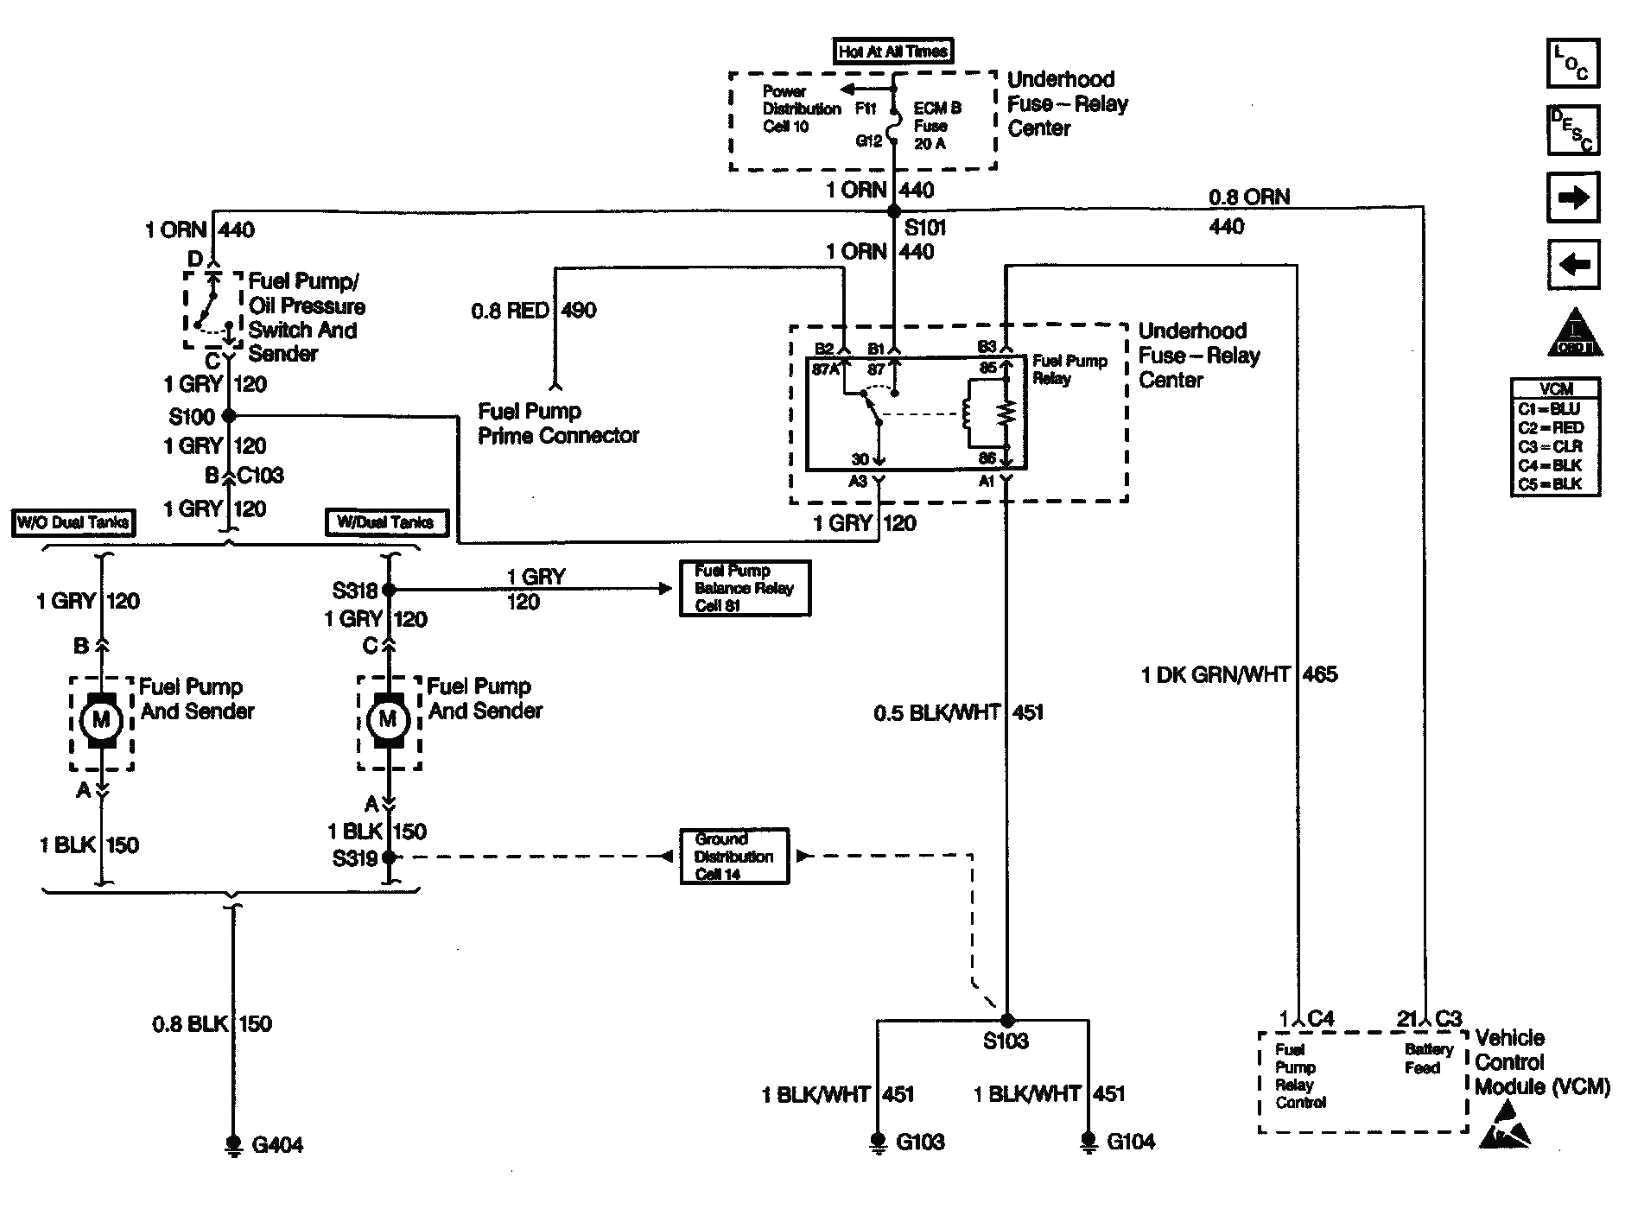 gm fuel pump wiring diagram 1998 chevy silverado lovely 2003 trailblazer rh gmc k1500 turn signal jpg